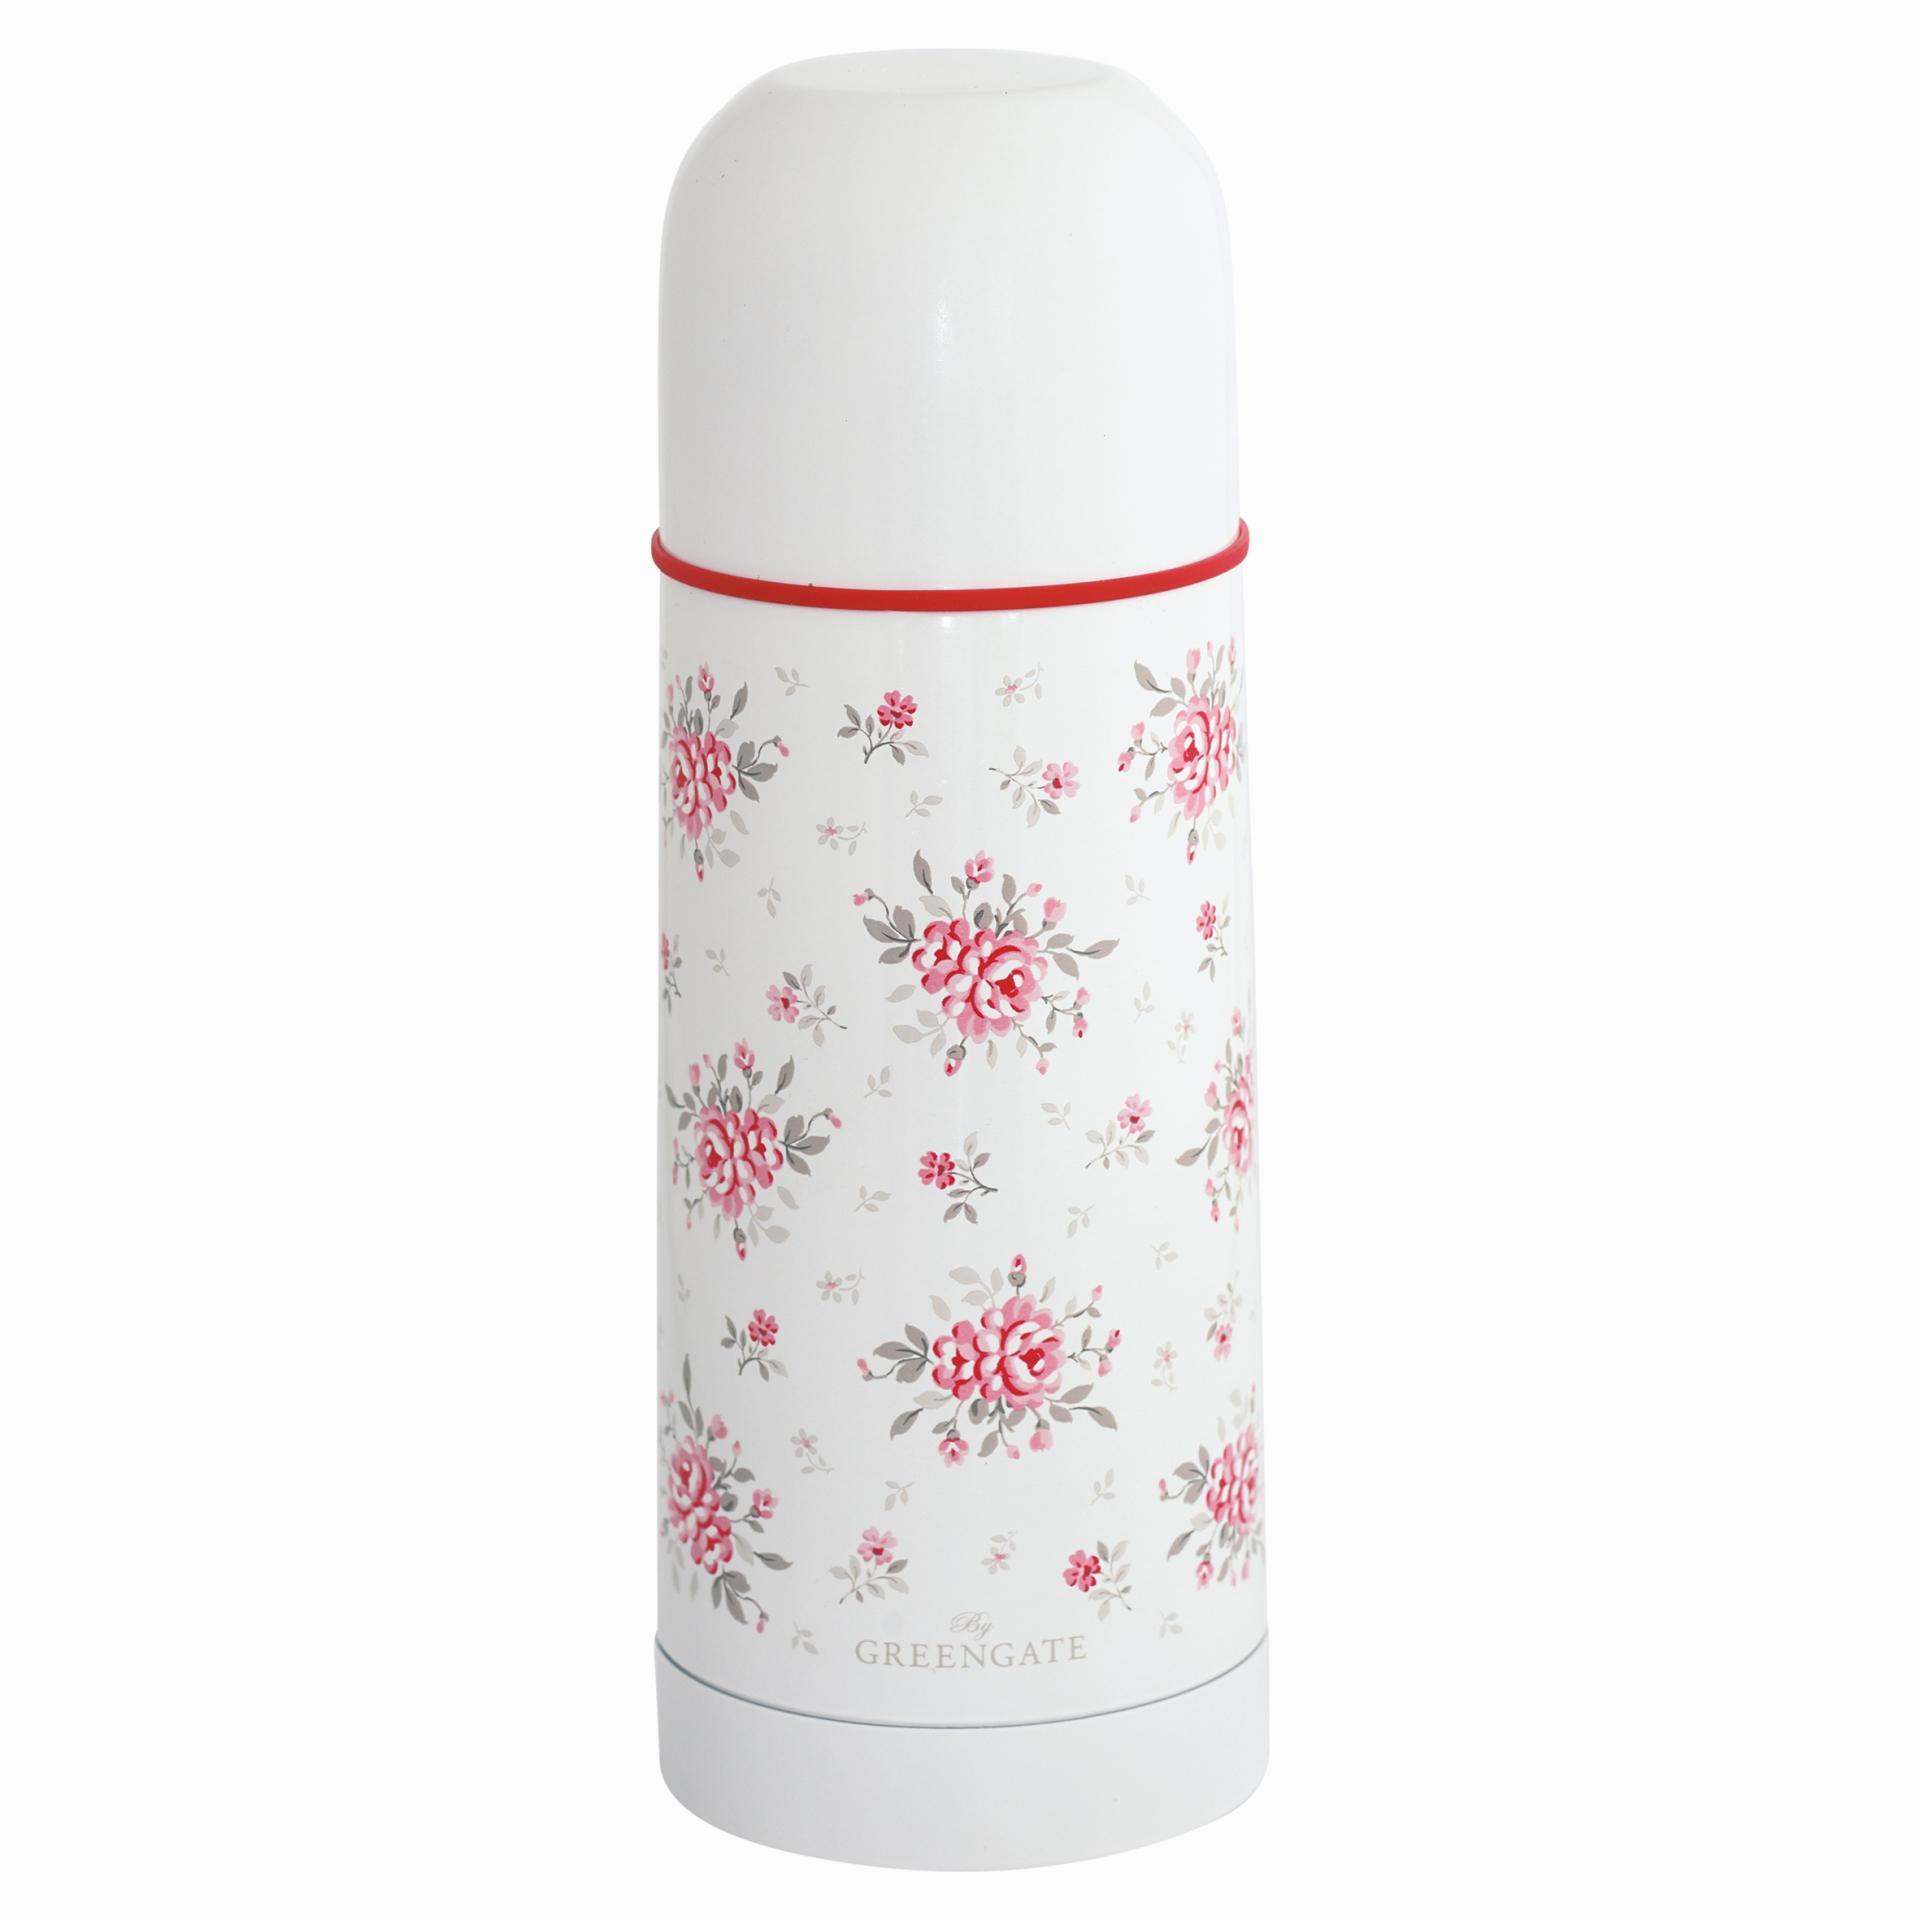 GREEN GATE Termoska Flora white 300 ml, růžová barva, bílá barva, kov